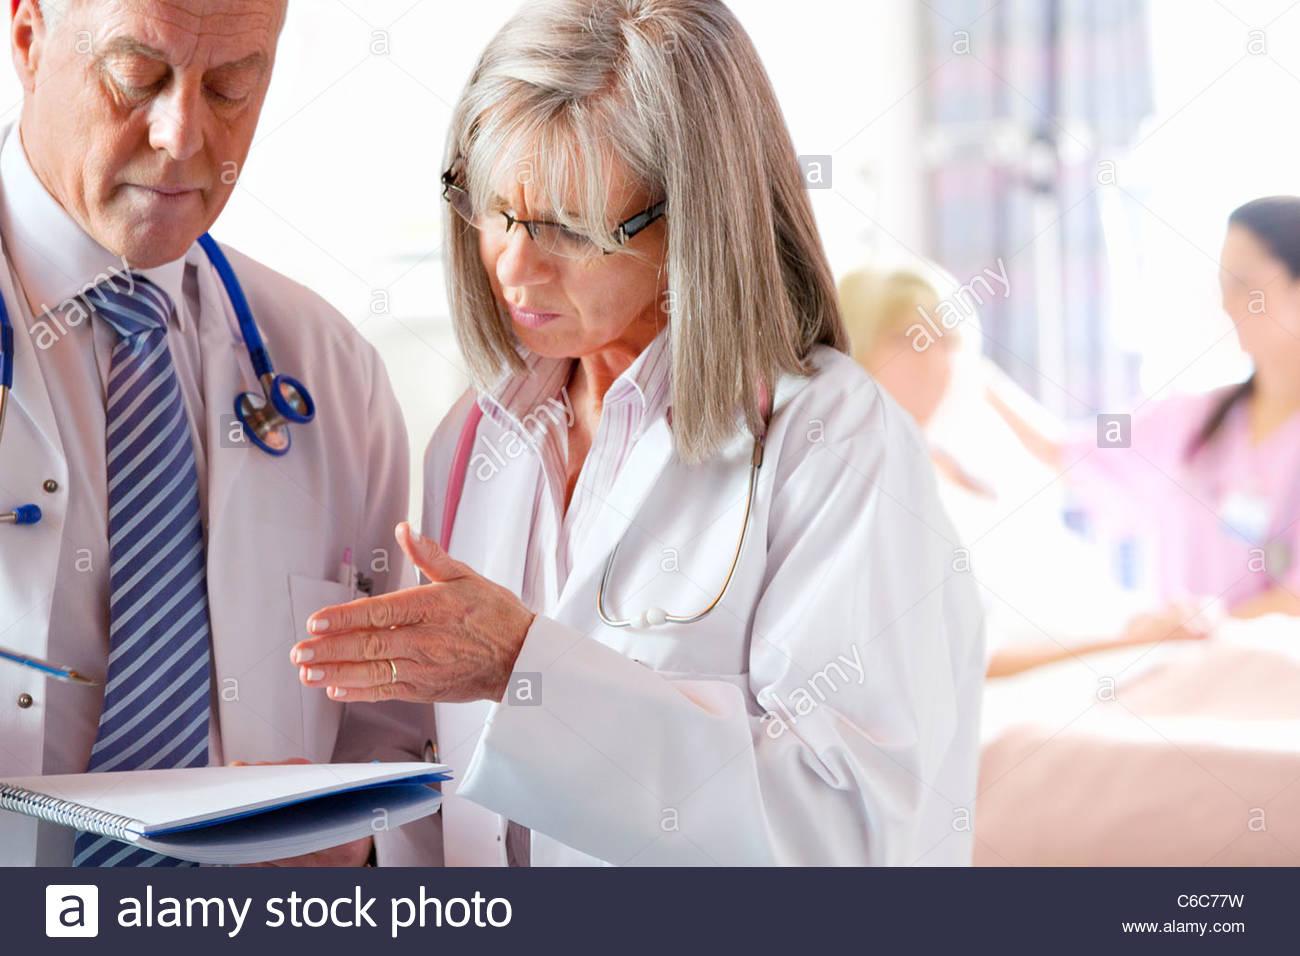 Ärzte, medizinische Diagramm im Krankenhaus mit Patient und Krankenschwester im Hintergrund diskutieren Stockbild